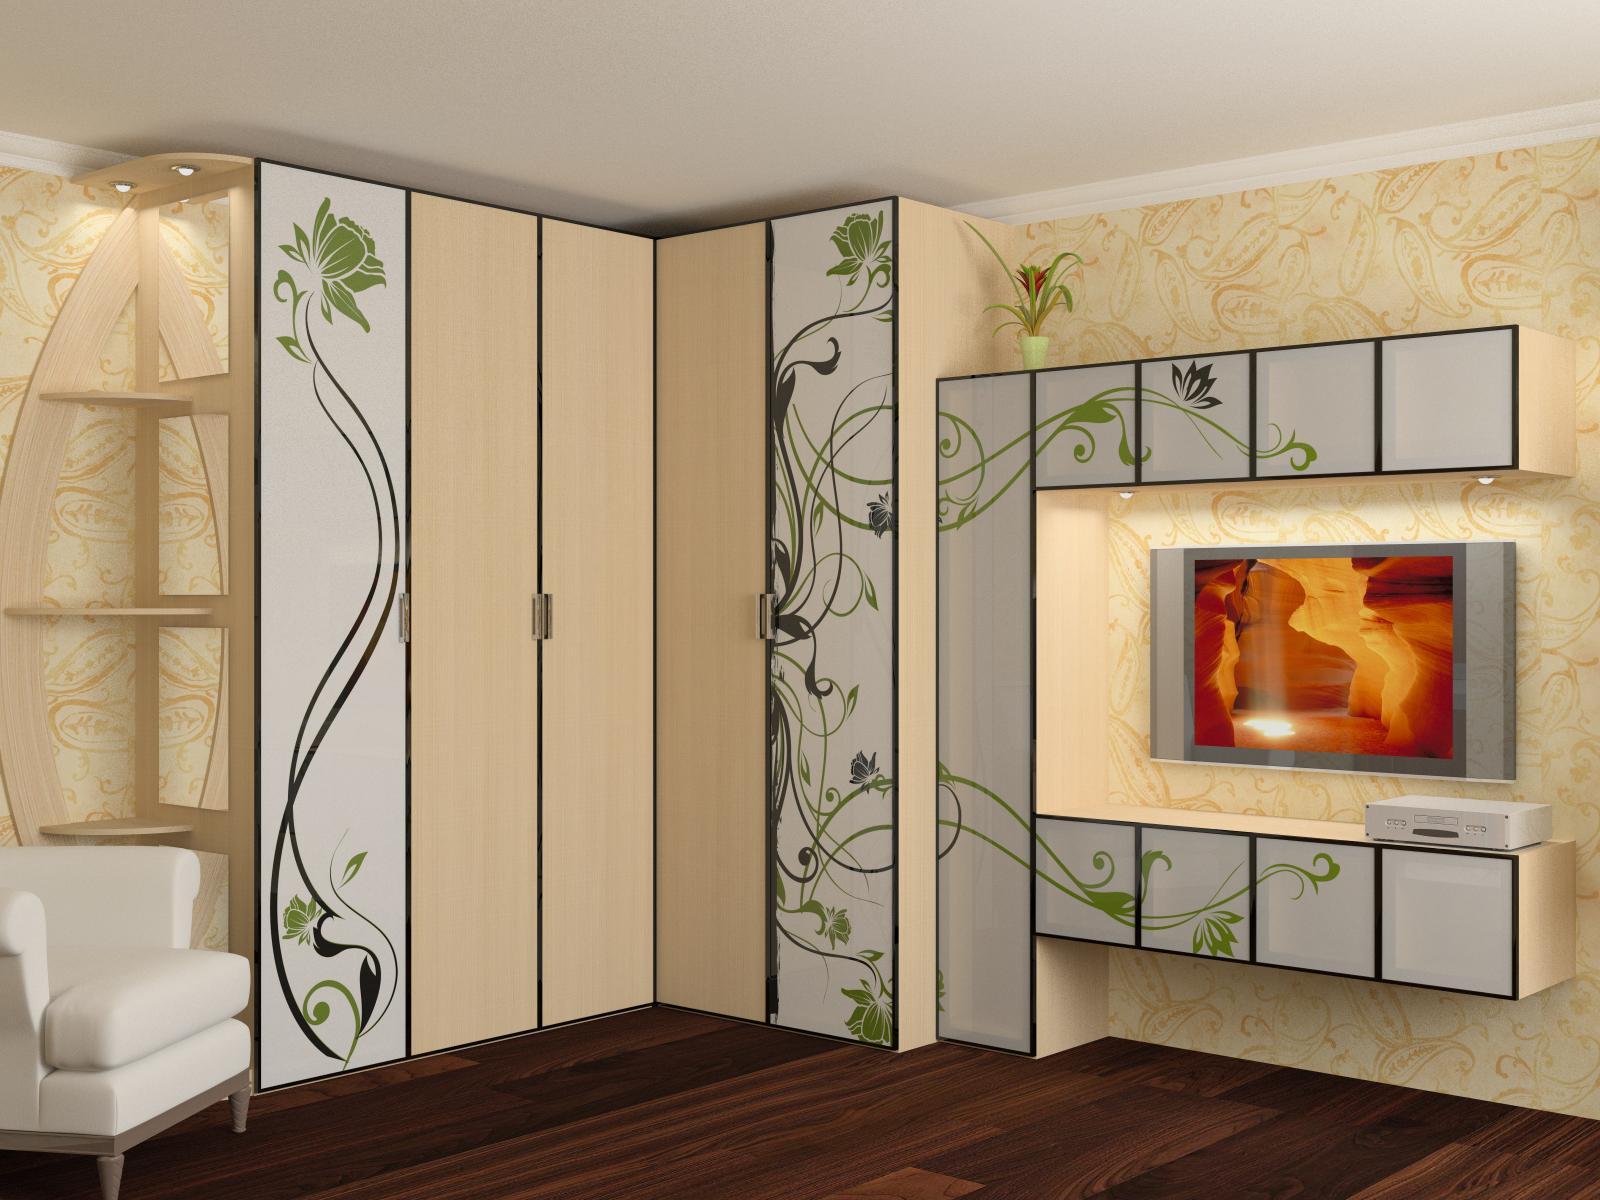 Шкаф в зал, разновидности, их плюсы и минусы, а также возмож.